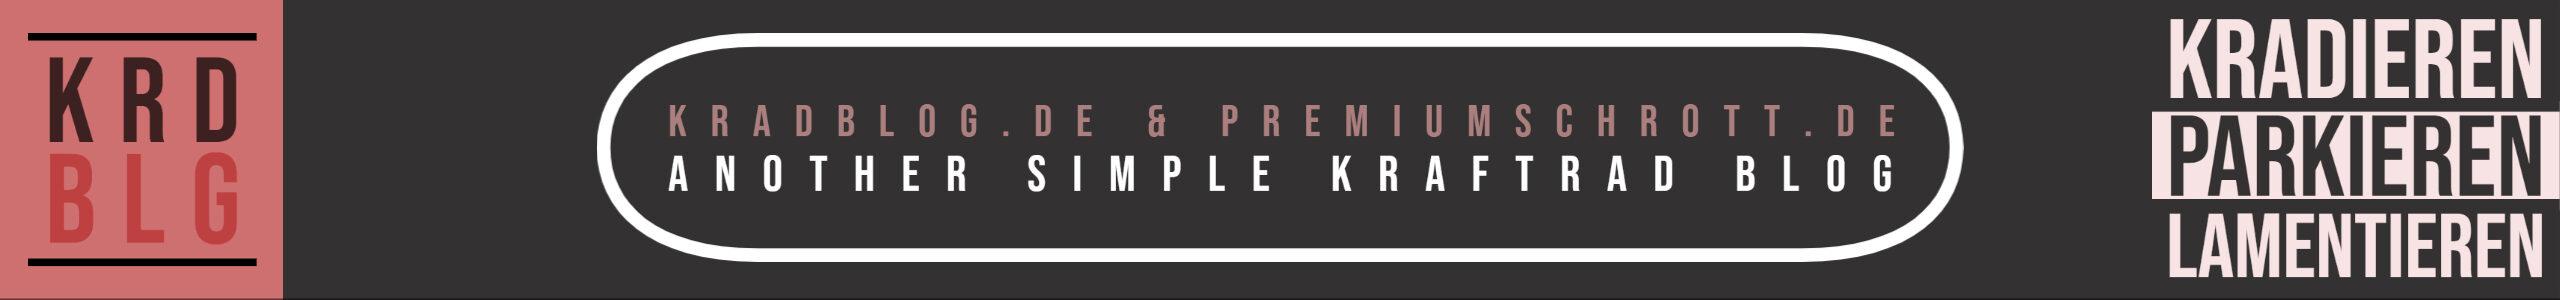 KradBlog.de & Premiumschrott.de